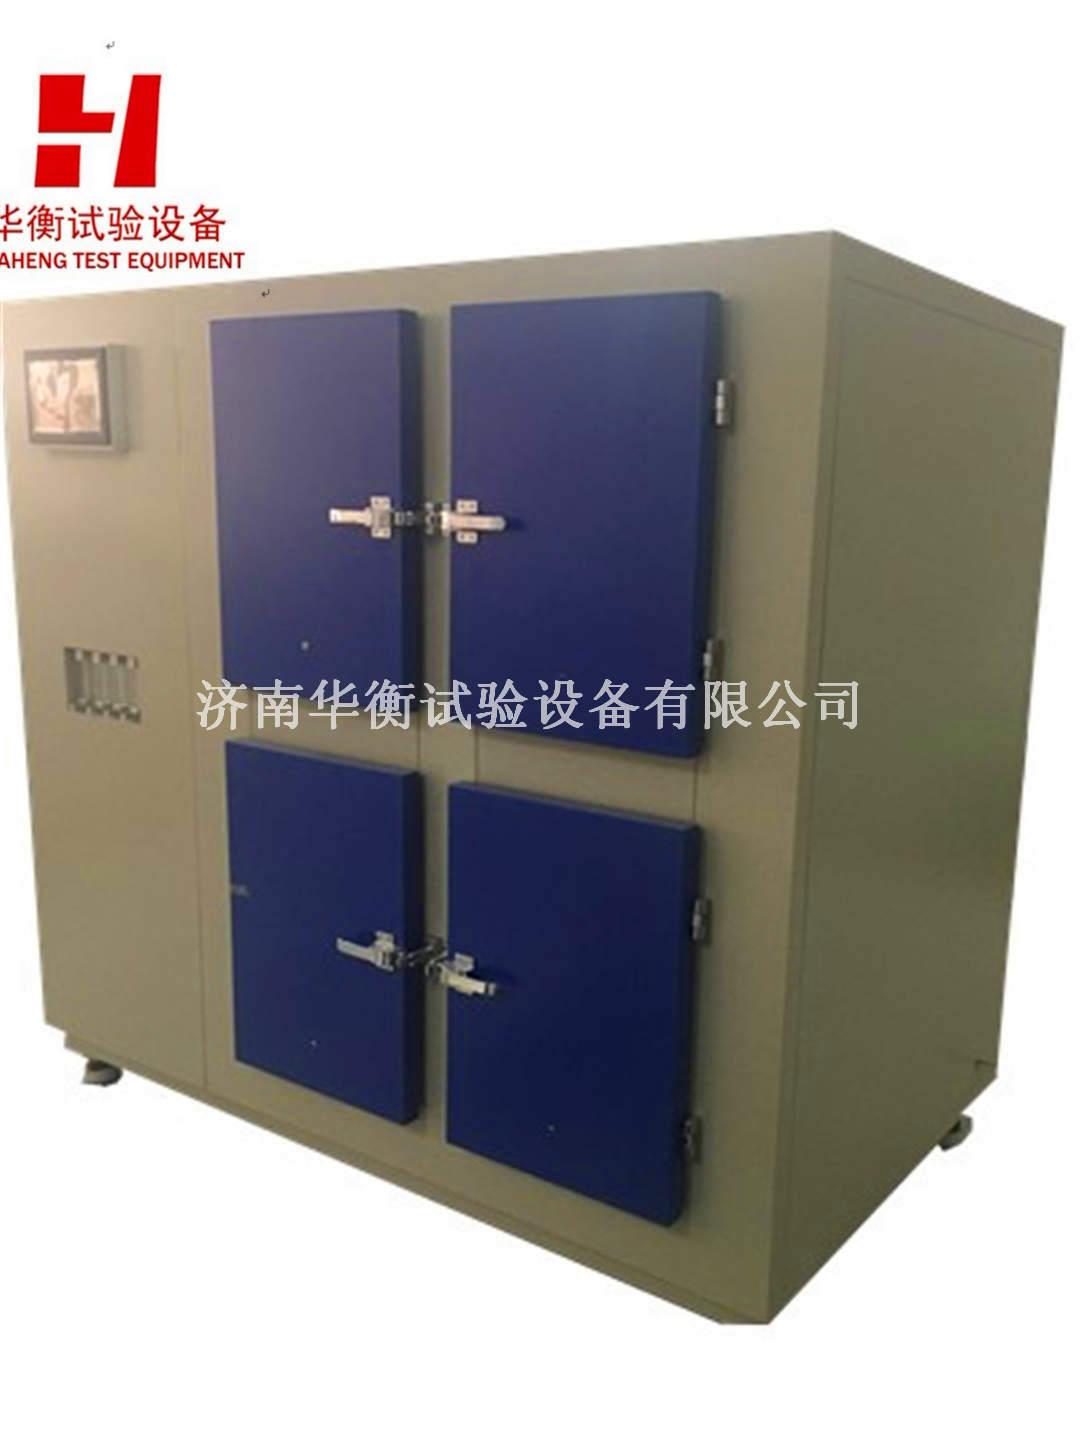 甲醛预处理试验舱 四舱甲醛测试试件预处理恒温恒湿平衡箱